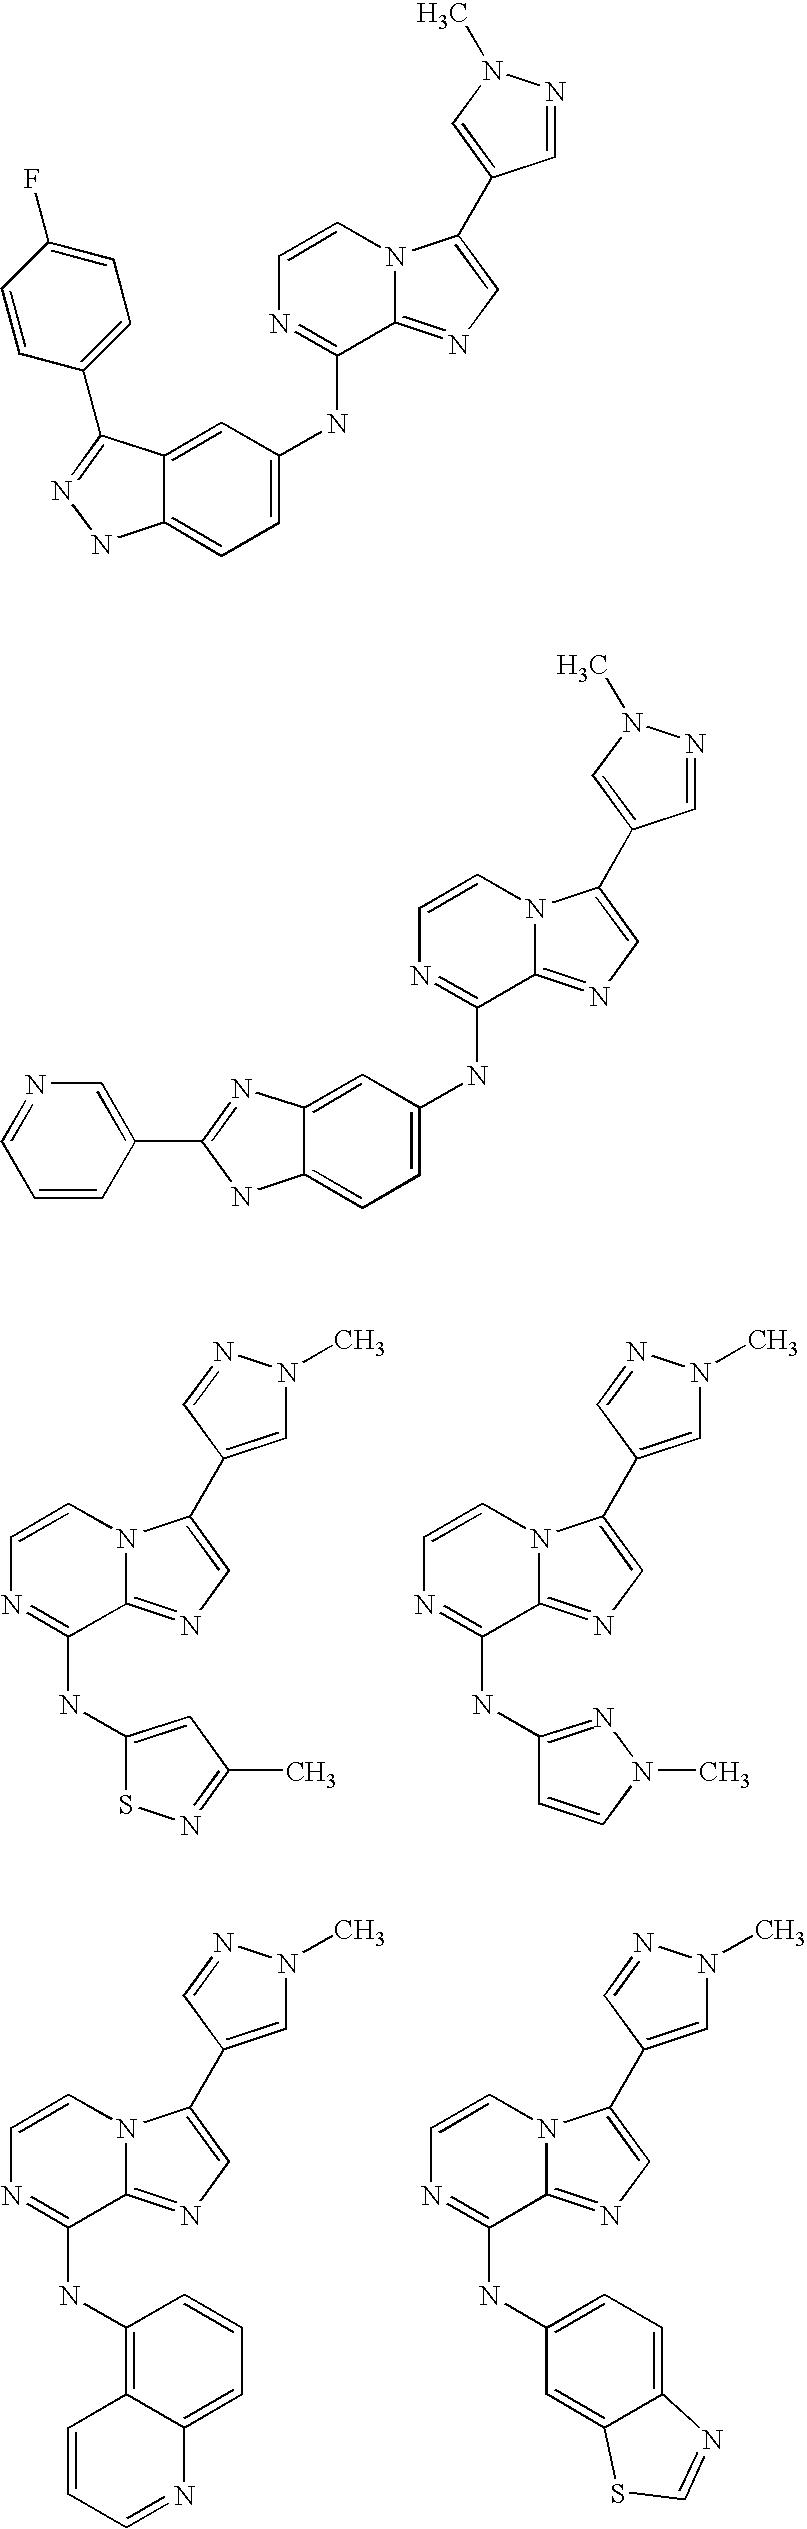 Figure US20070117804A1-20070524-C00050